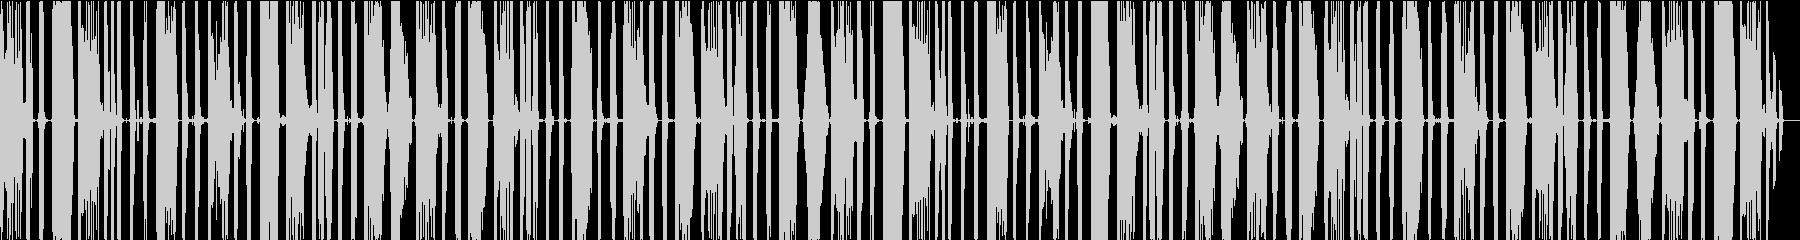 ボイスパーカッション・ビートボックス_3の未再生の波形